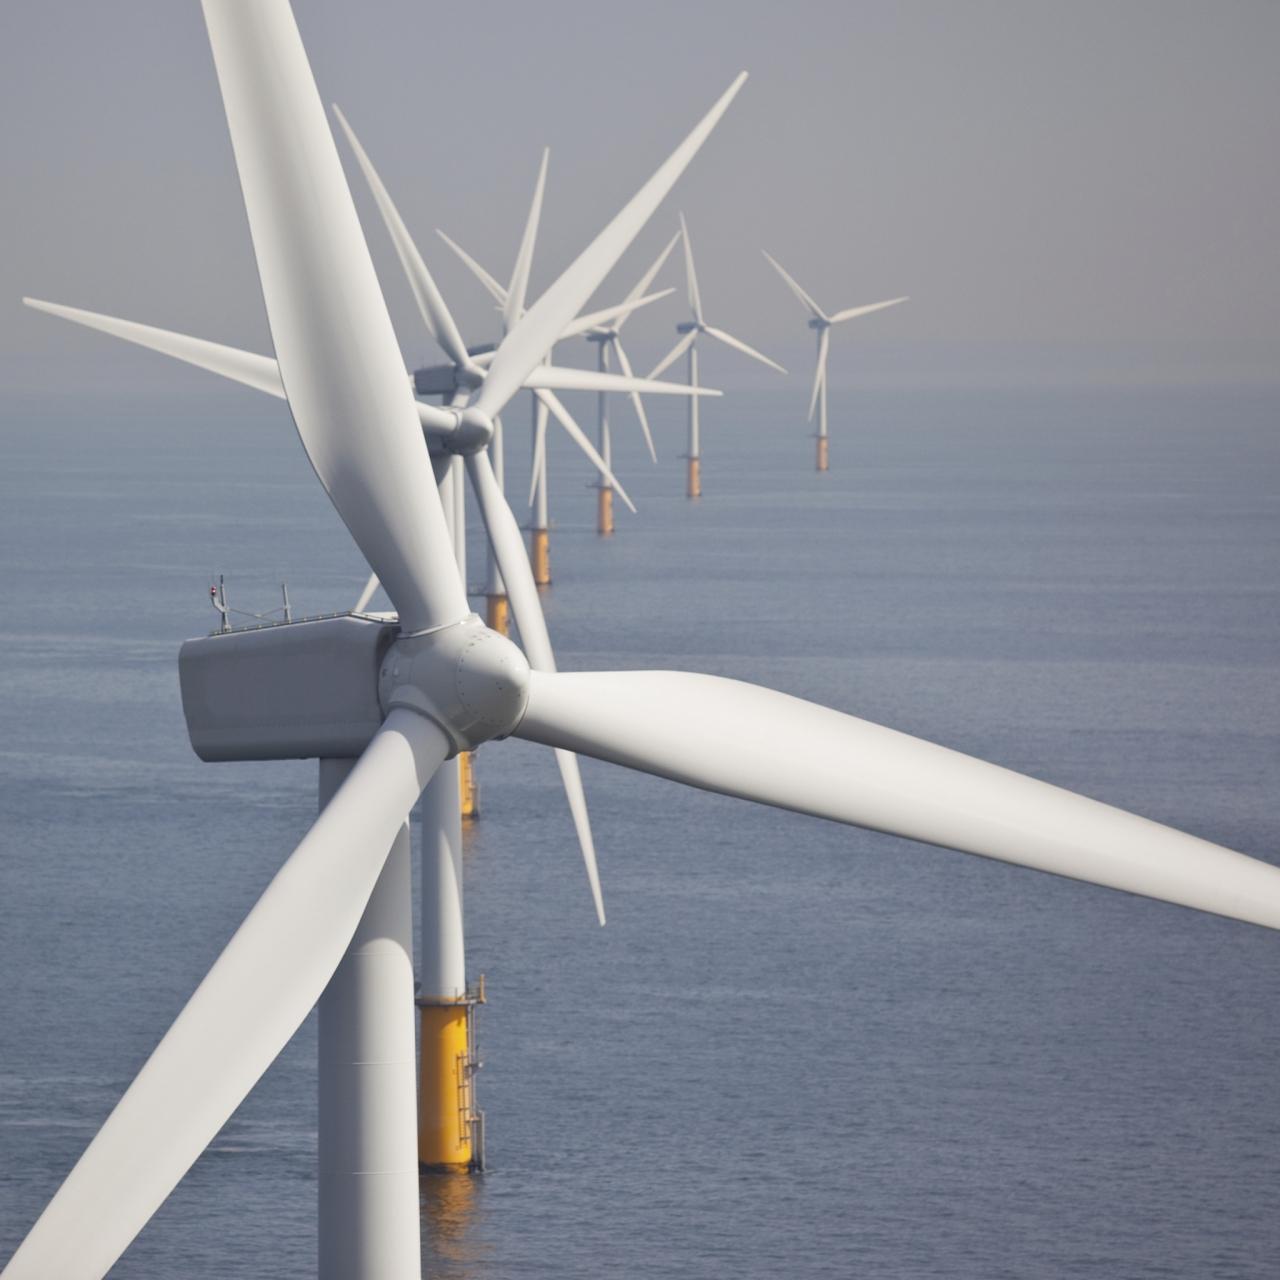 Največje vetrnice na svetu pričele s proizvodnjo